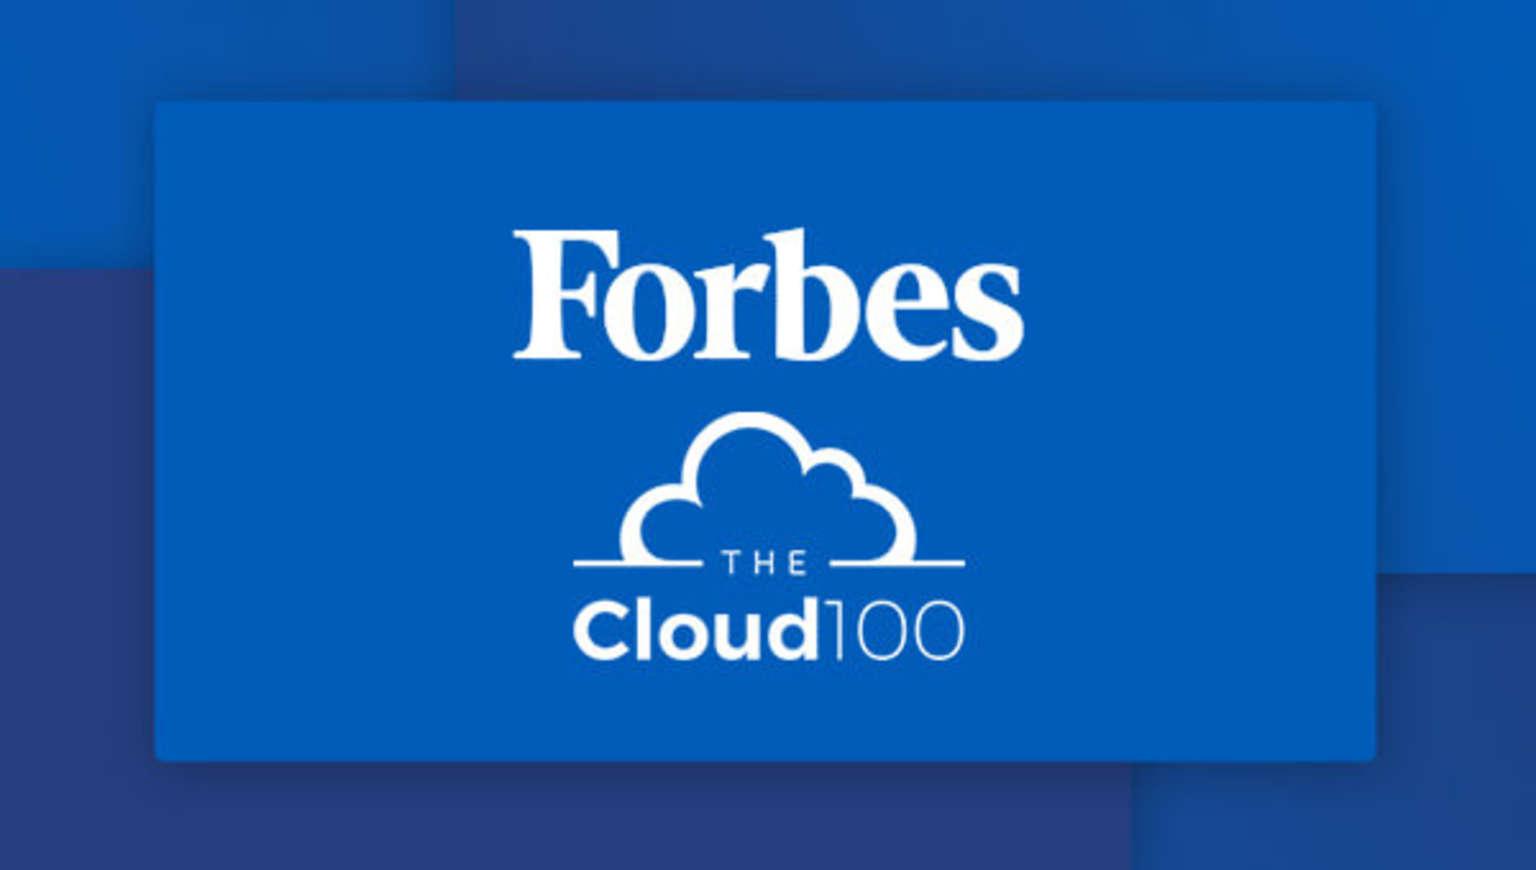 DocuSign foi selecionada como uma das 100 empresas de cloud da Forbes